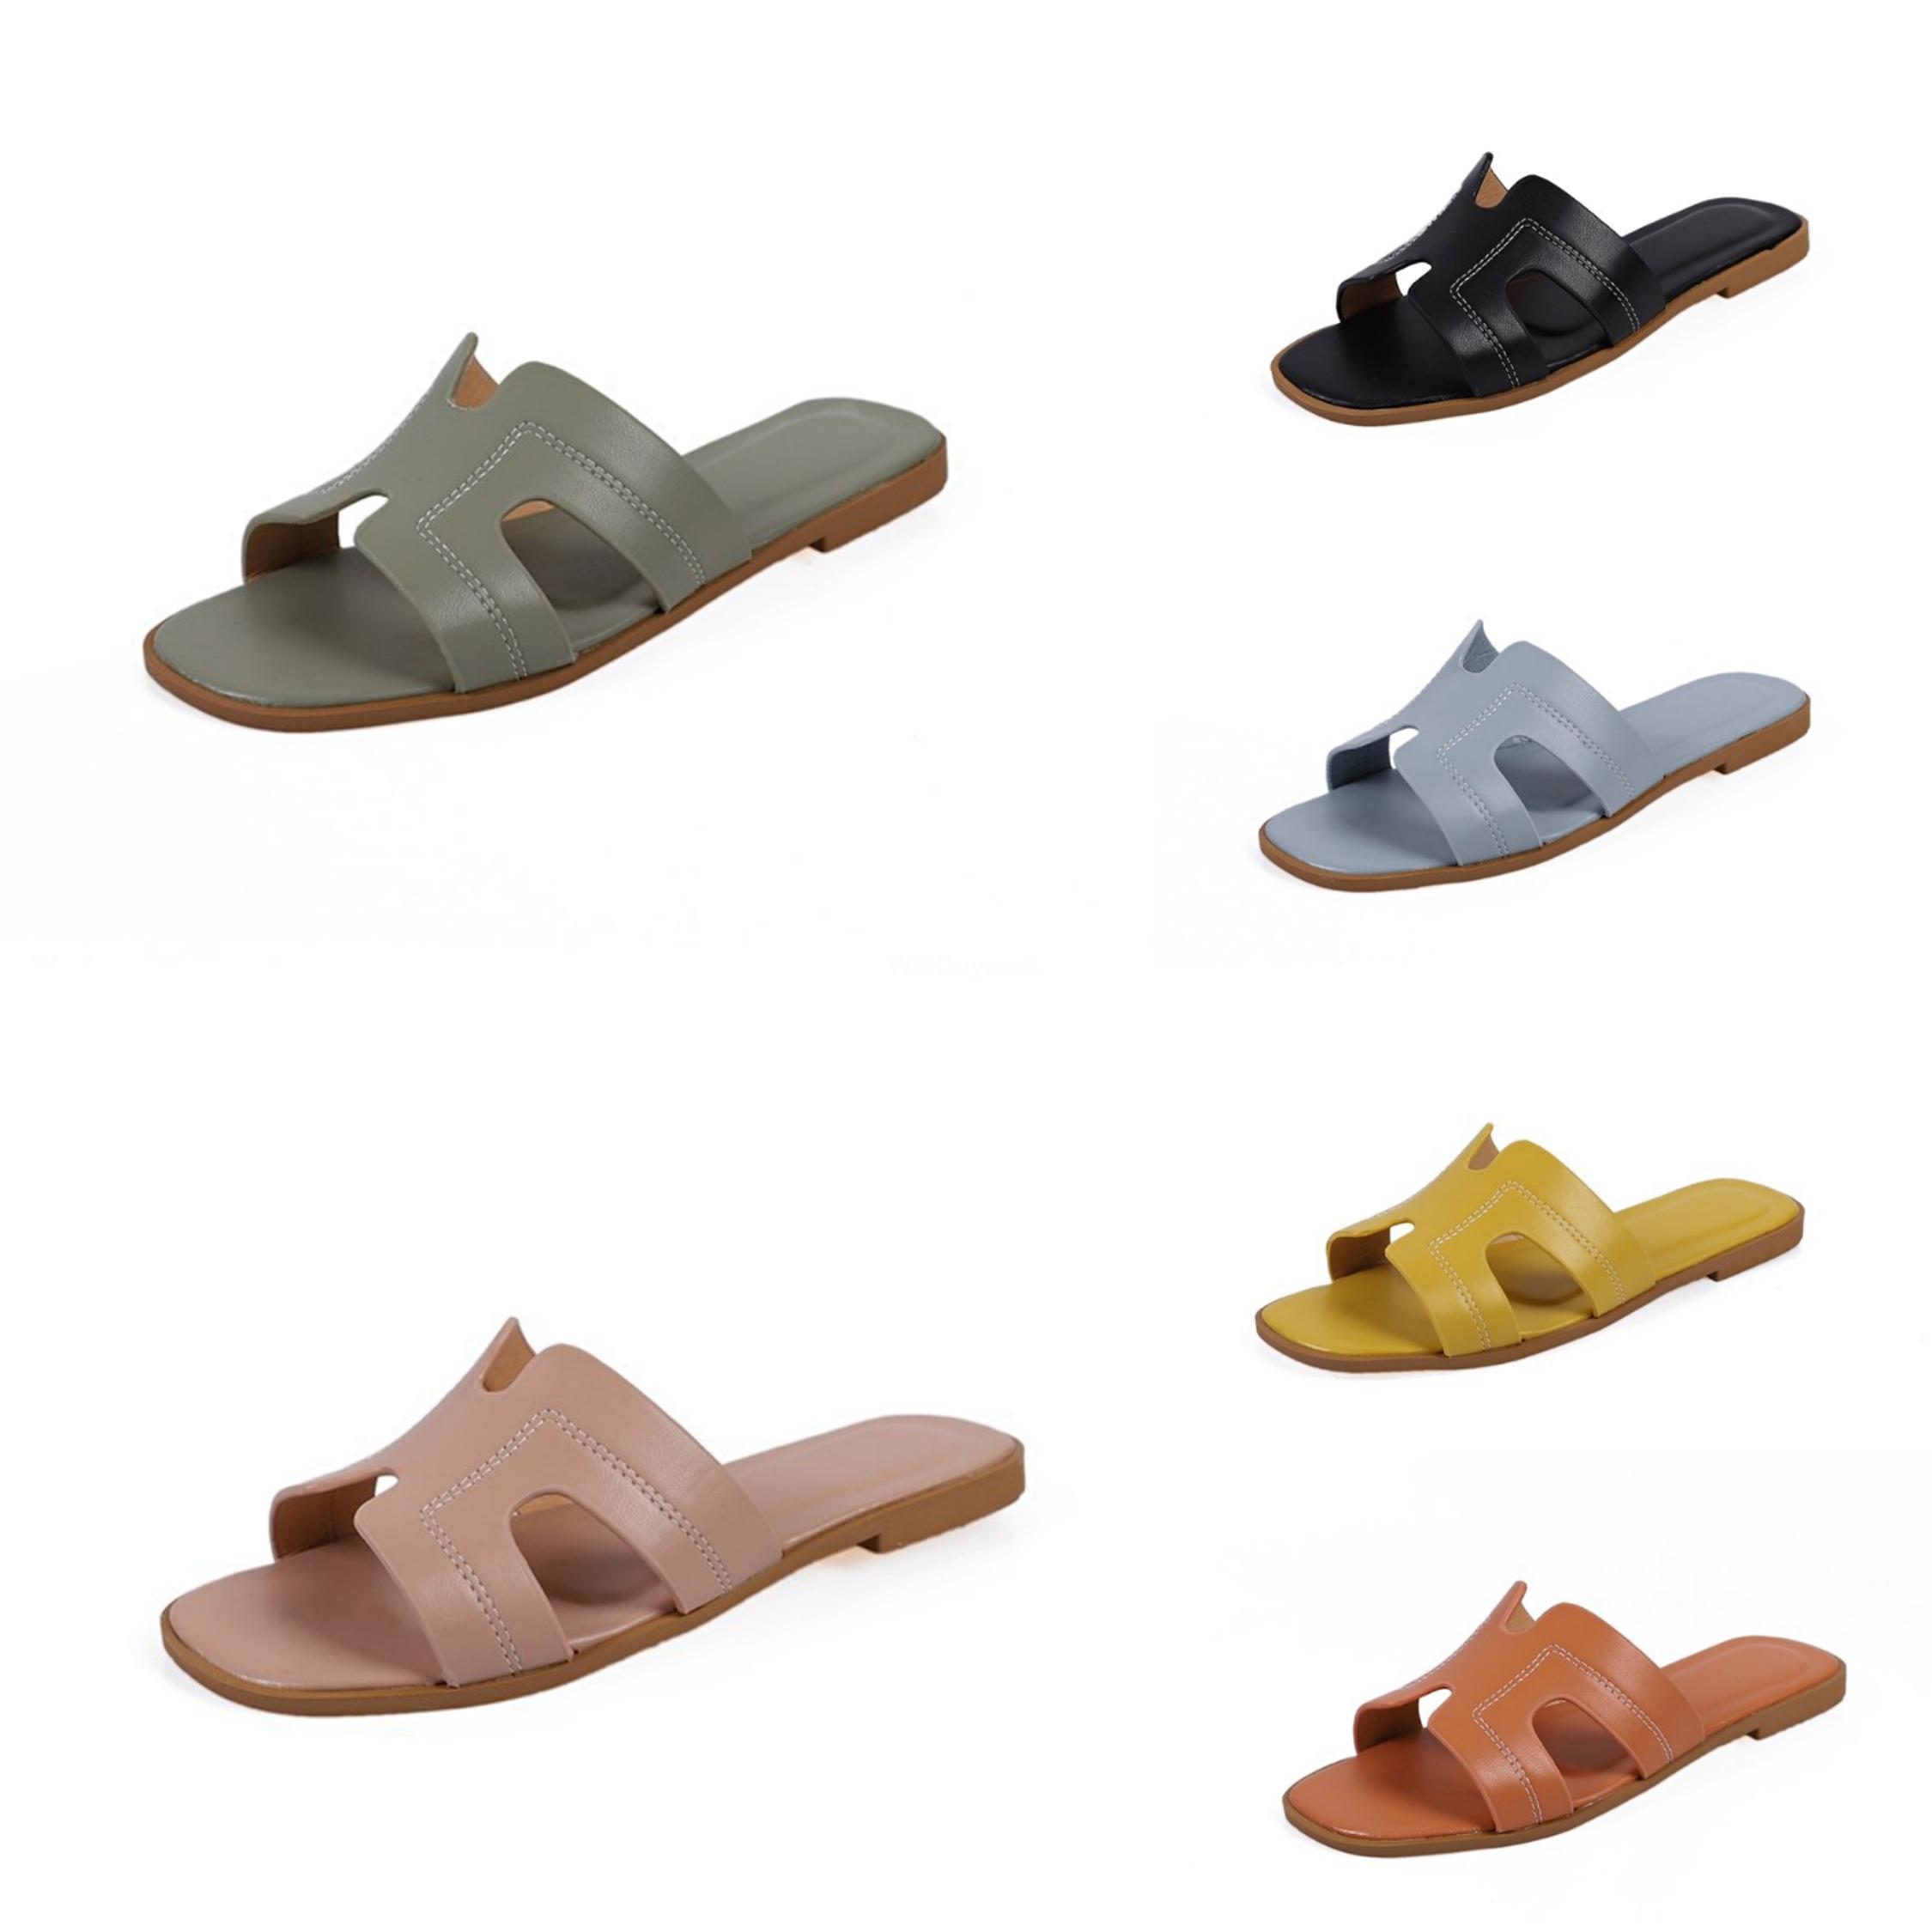 Verão Designer 2020 Salto Mulheres PVC transparente Baixa Flats Chinelos Ouro Cobra Imprimir Plano Chinelos Flip Flops Plus Size Shoes 09C # 226